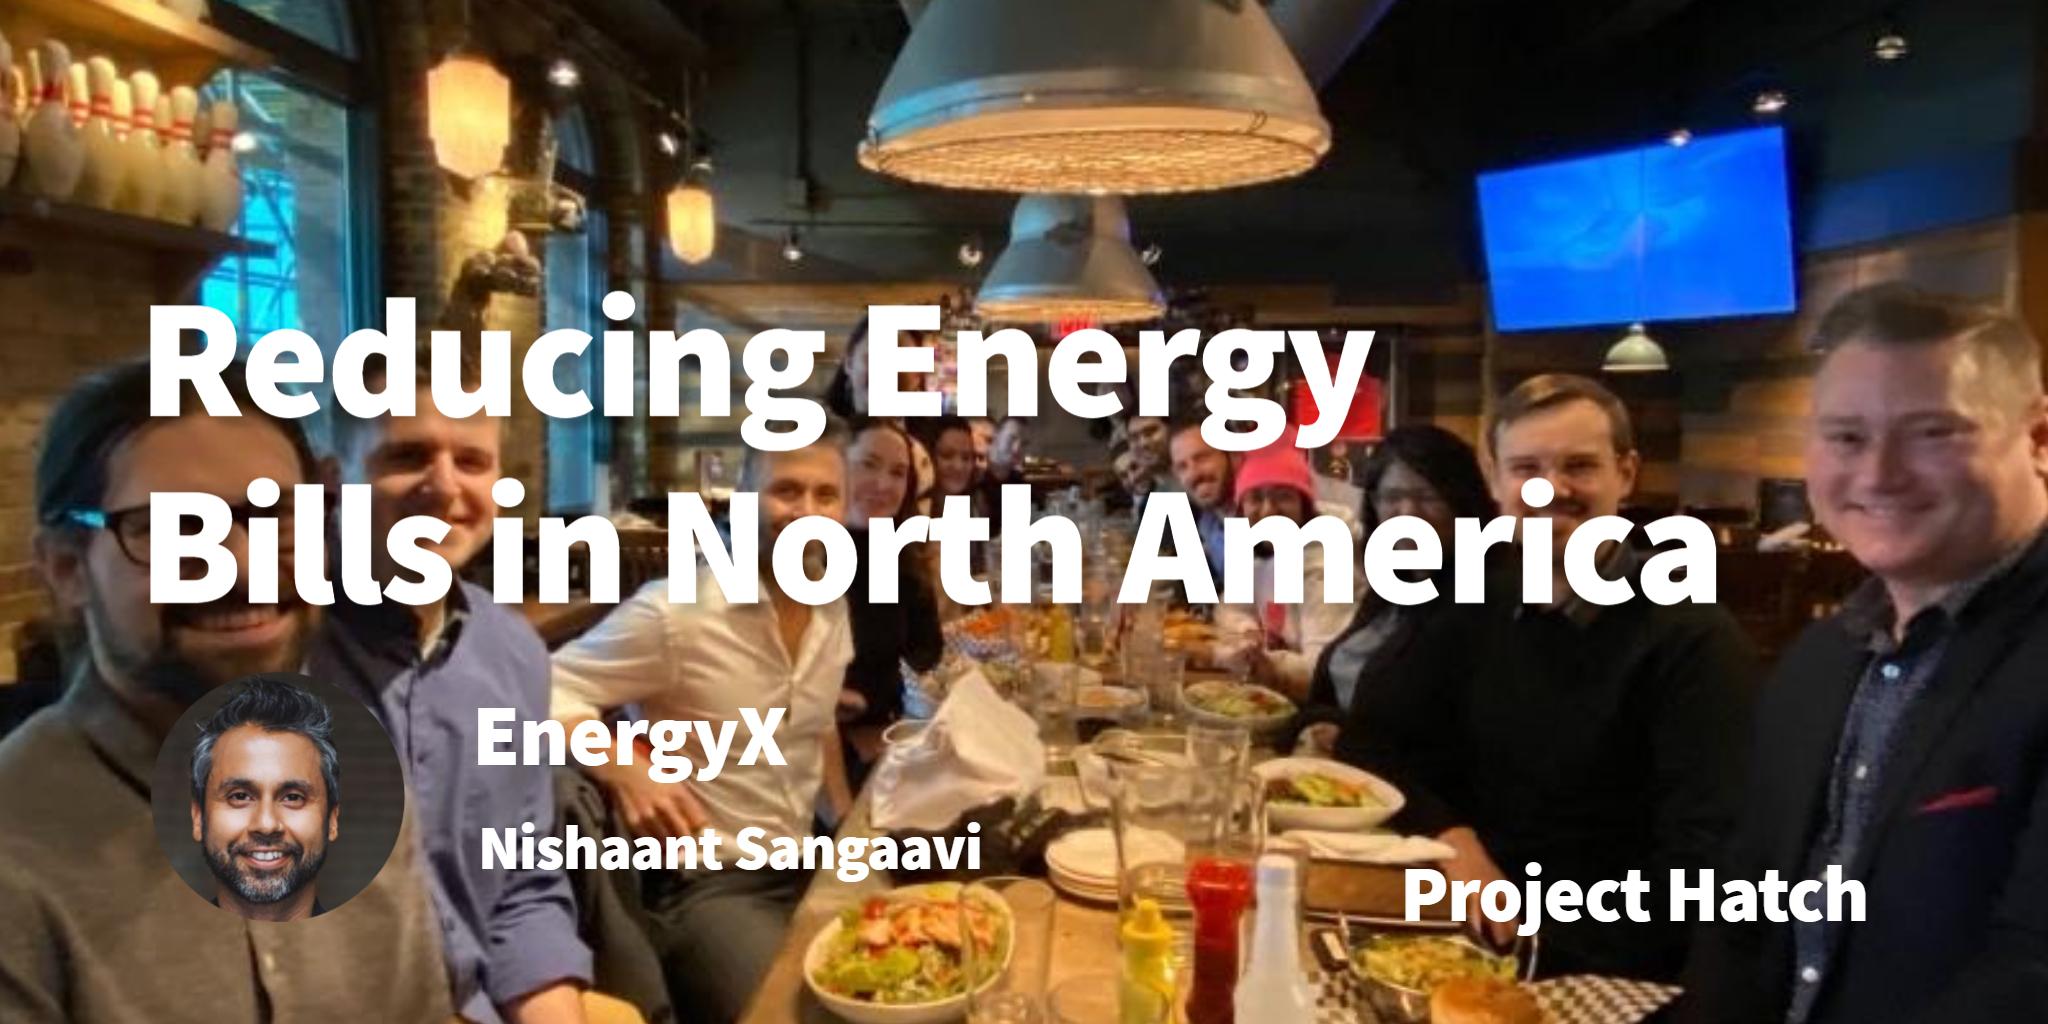 EnergyX Nishaant Sangaav